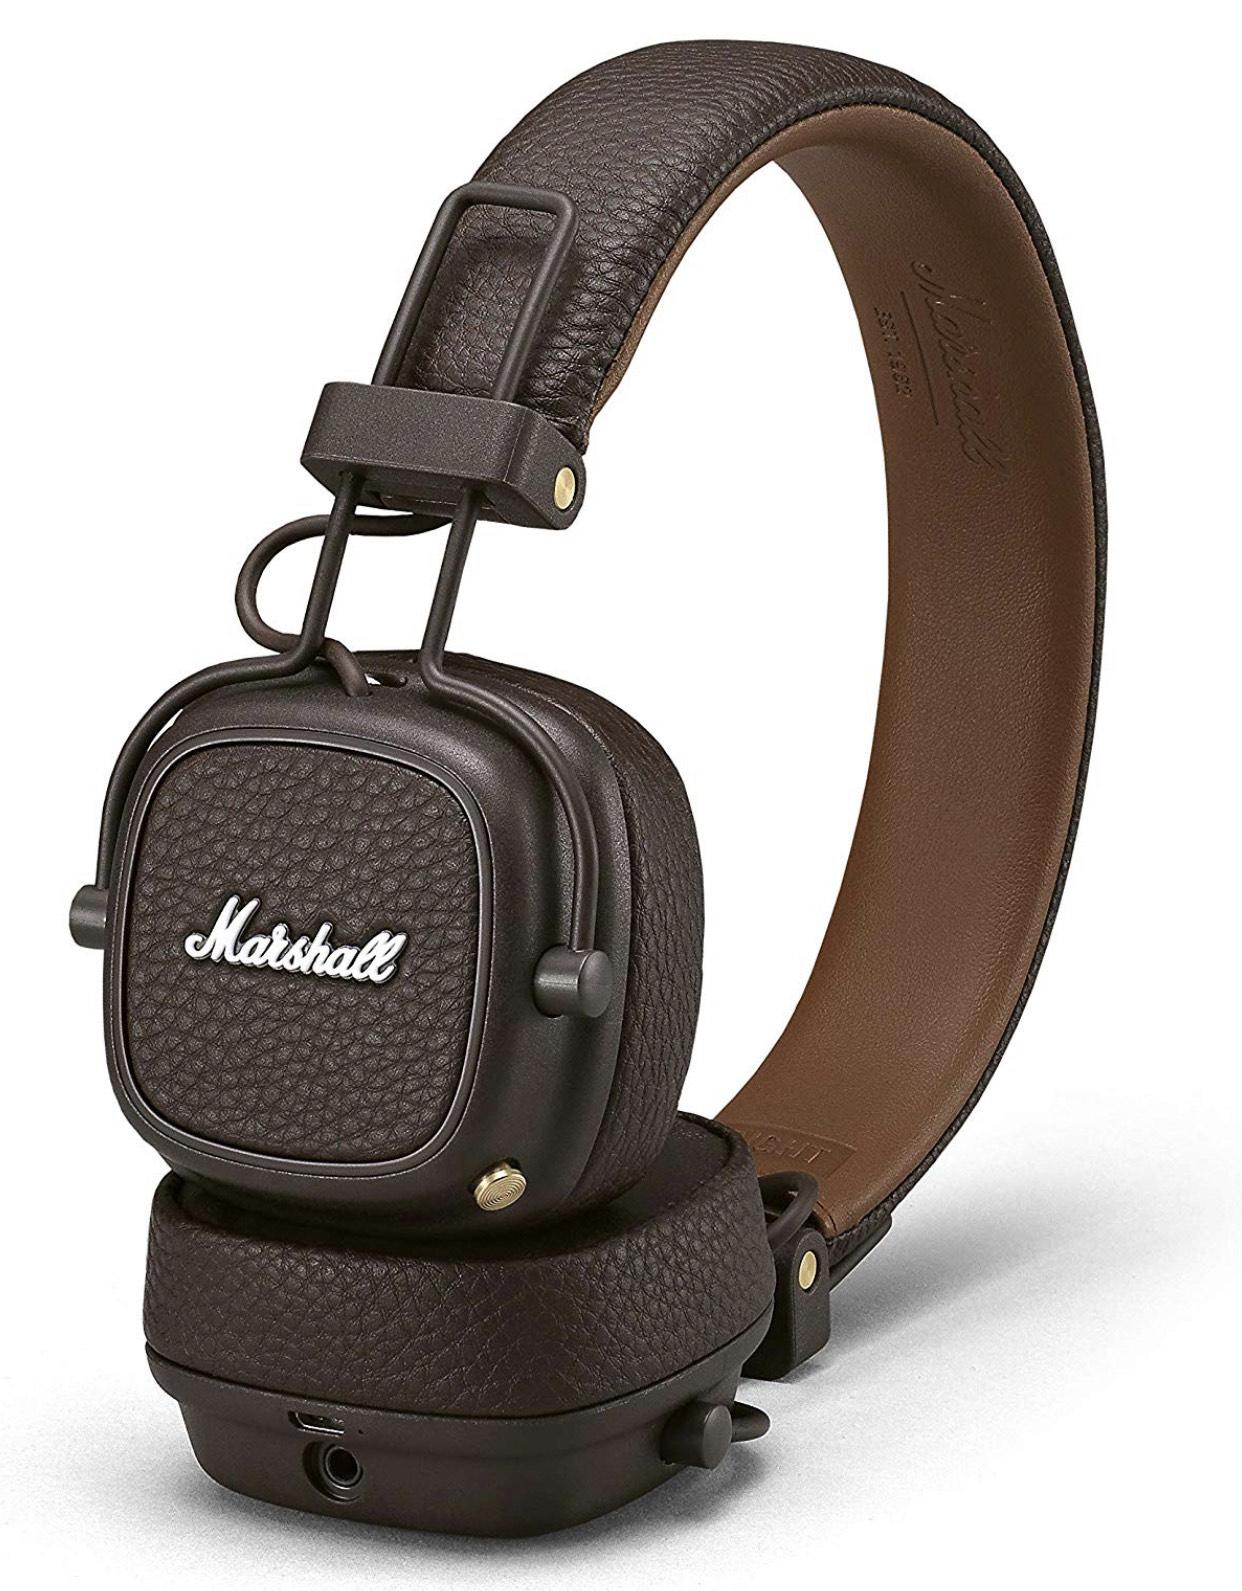 Marshall Major III Foldable Bluetooth Headphones - Black £69.99 at Amazon